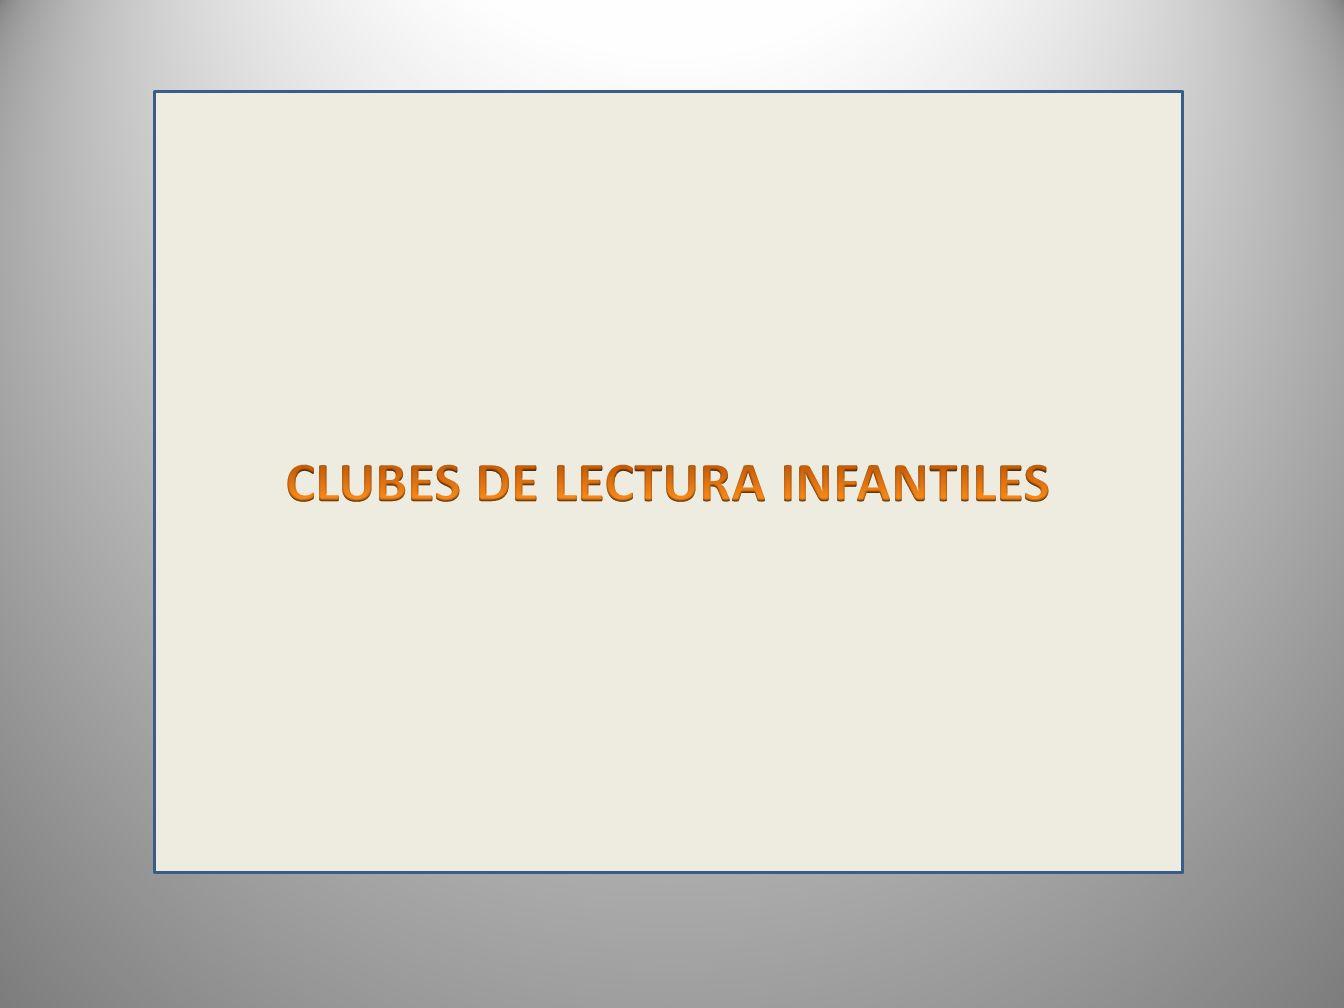 CLUBES DE LECTURA INFANTILES